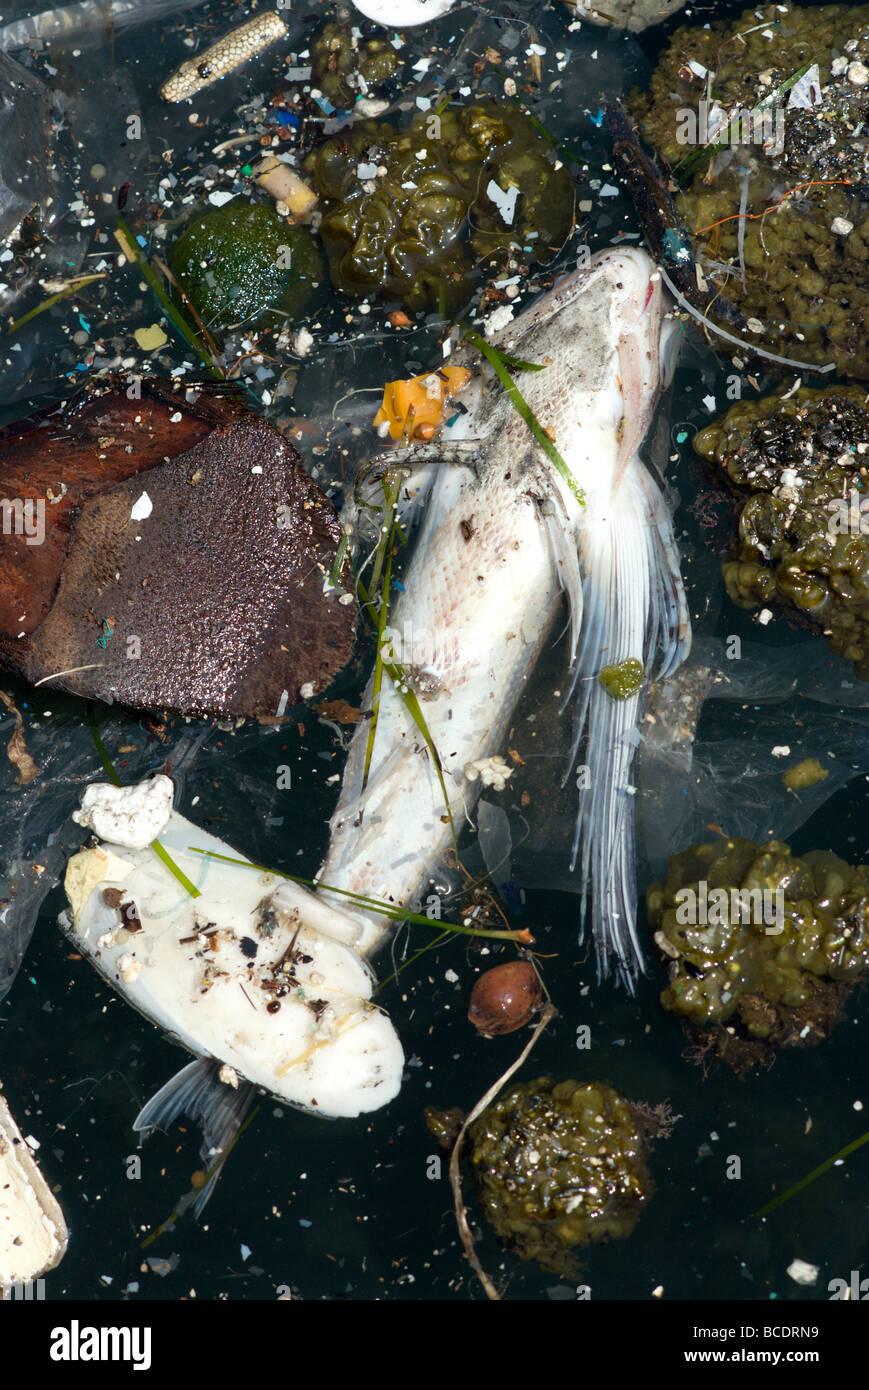 Contaminación del mar Imagen De Stock